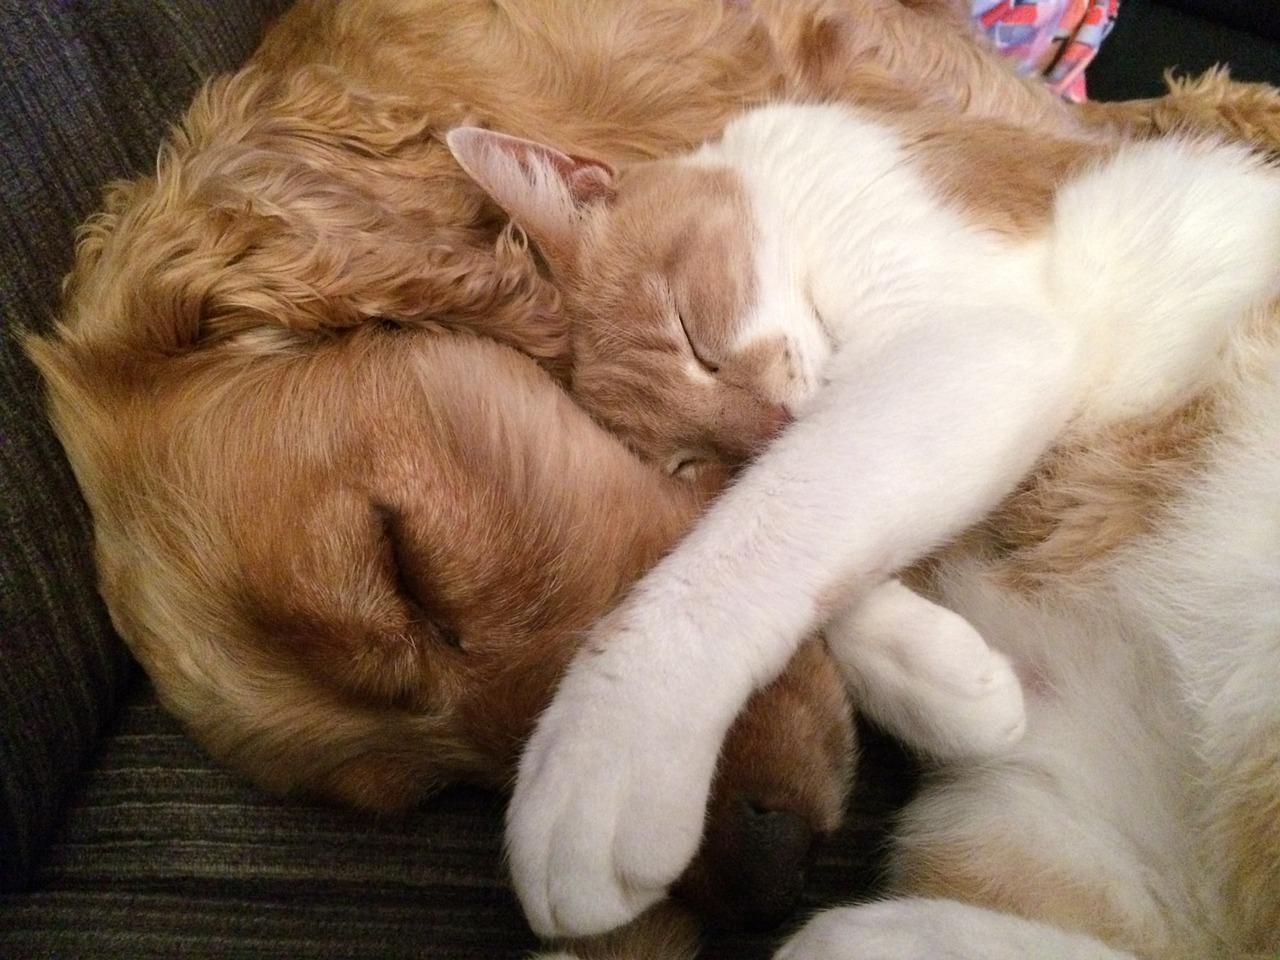 macska, cicabetegségek, kutya-macska barátság